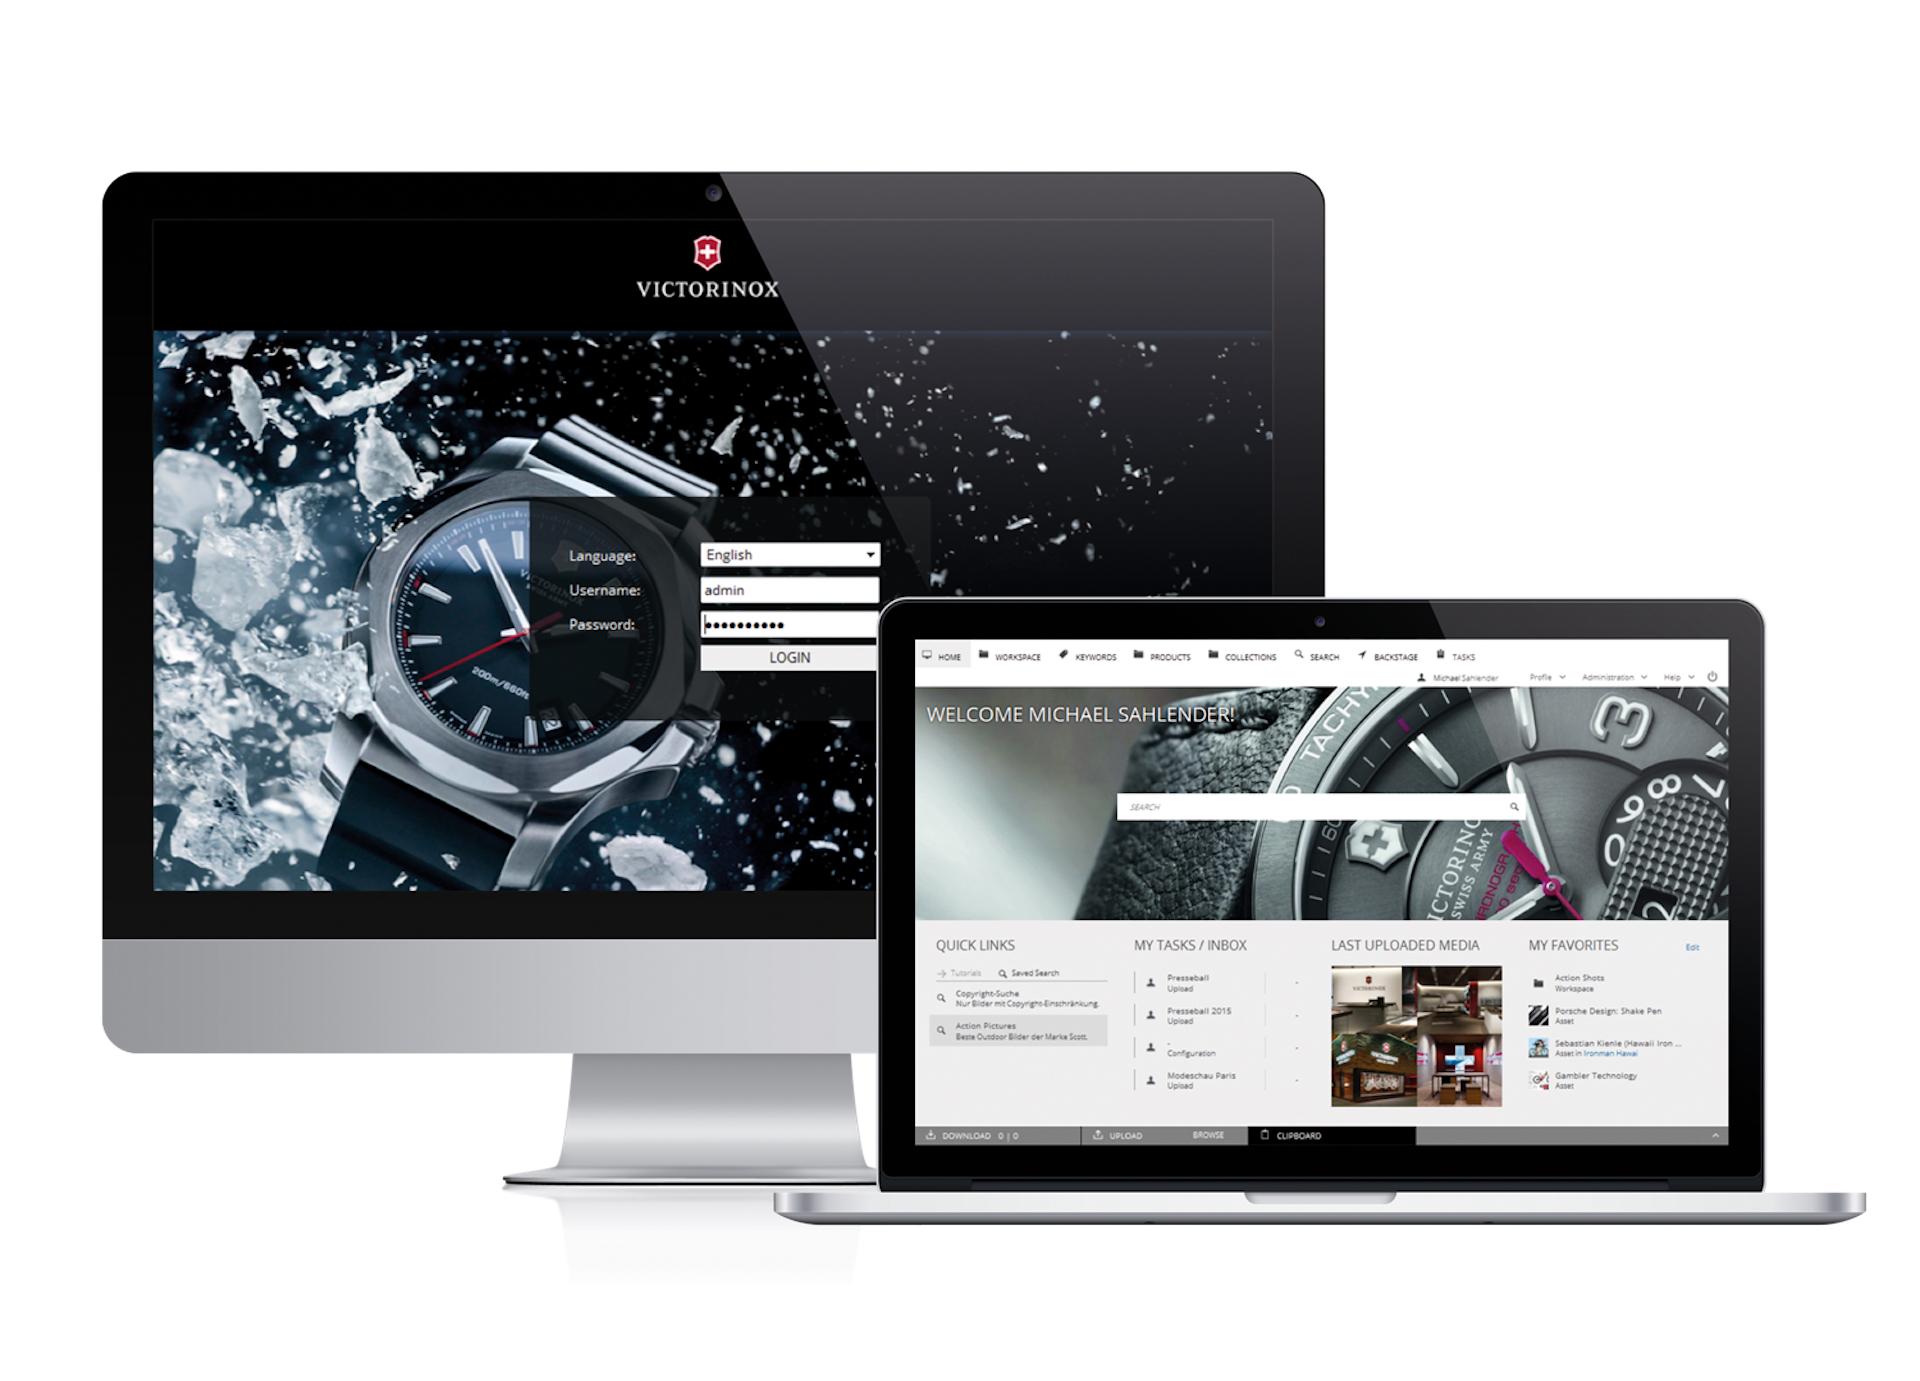 Digitale Verwaltung von Premium-Bildwelten: die CELUM-Benutzeroberfäche mit Victorinox-Inhalten